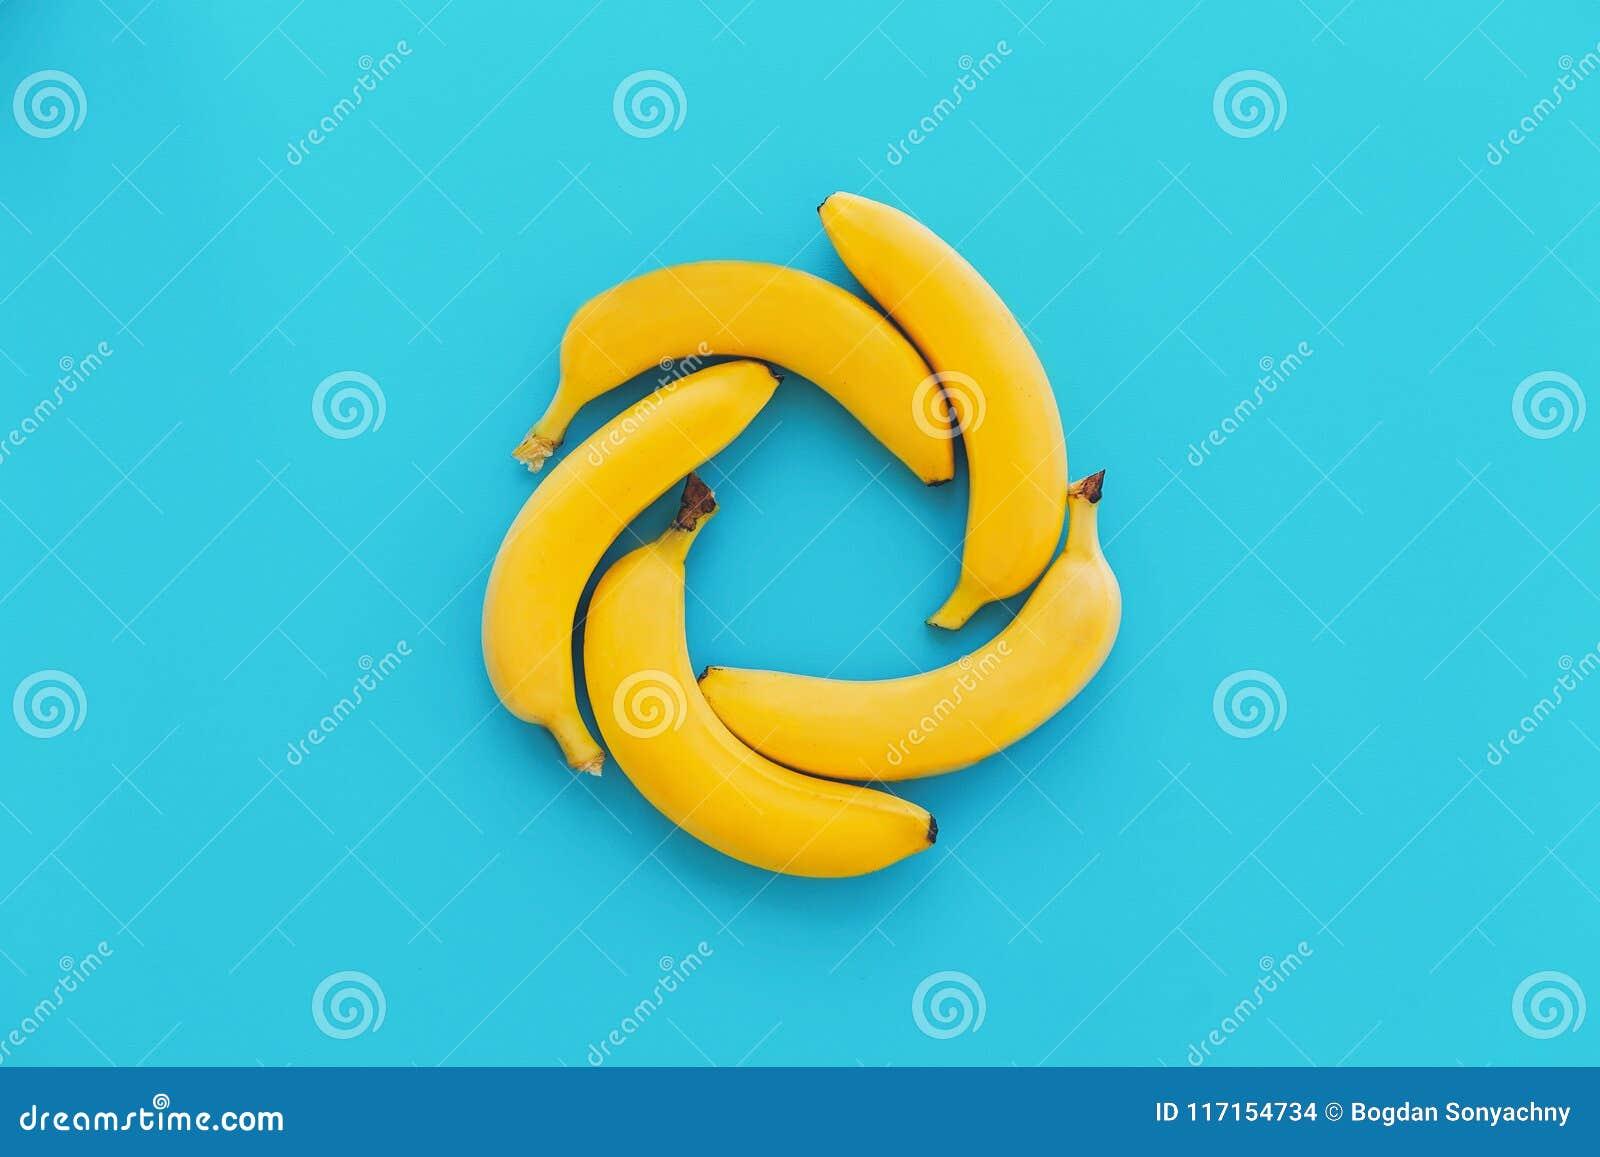 Bananas amarelas no círculo no fundo na moda do papel azul, liso